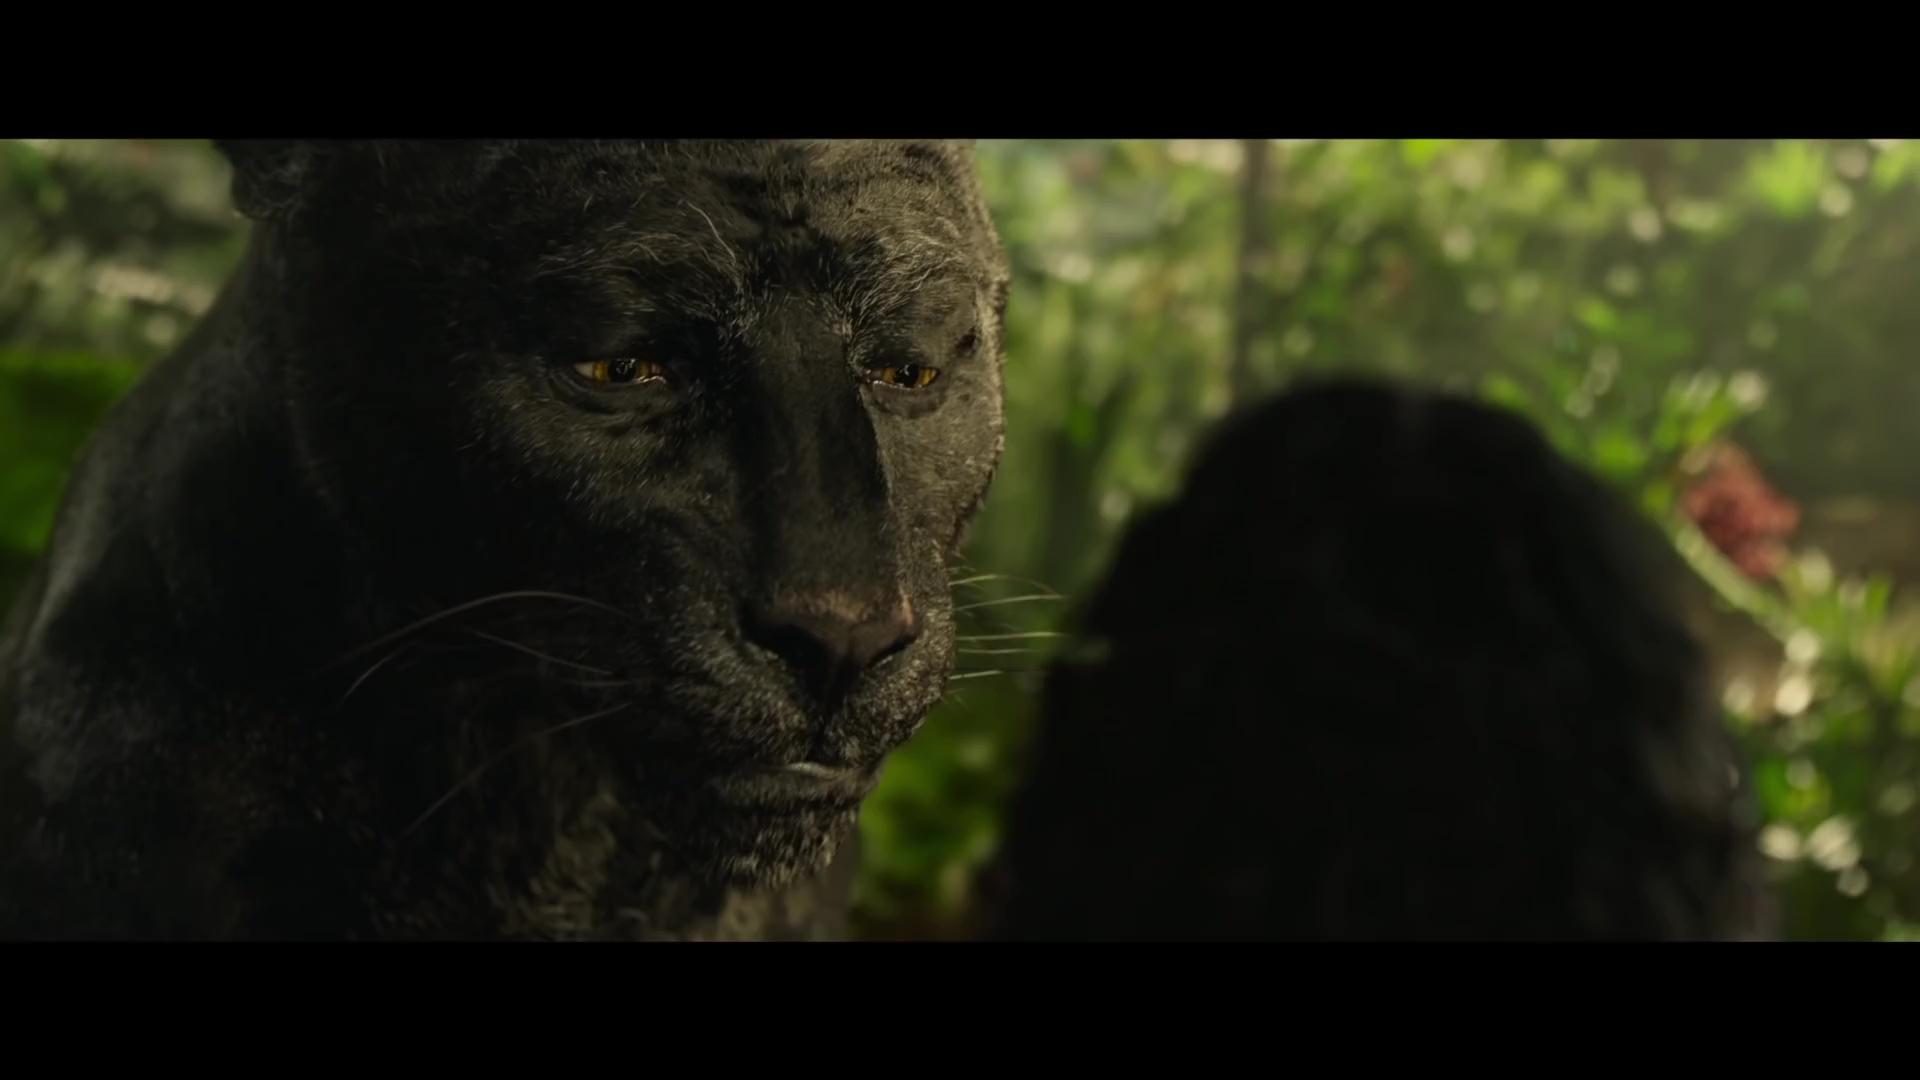 Jungle Book vs Mowgli bagheera_mowgli_